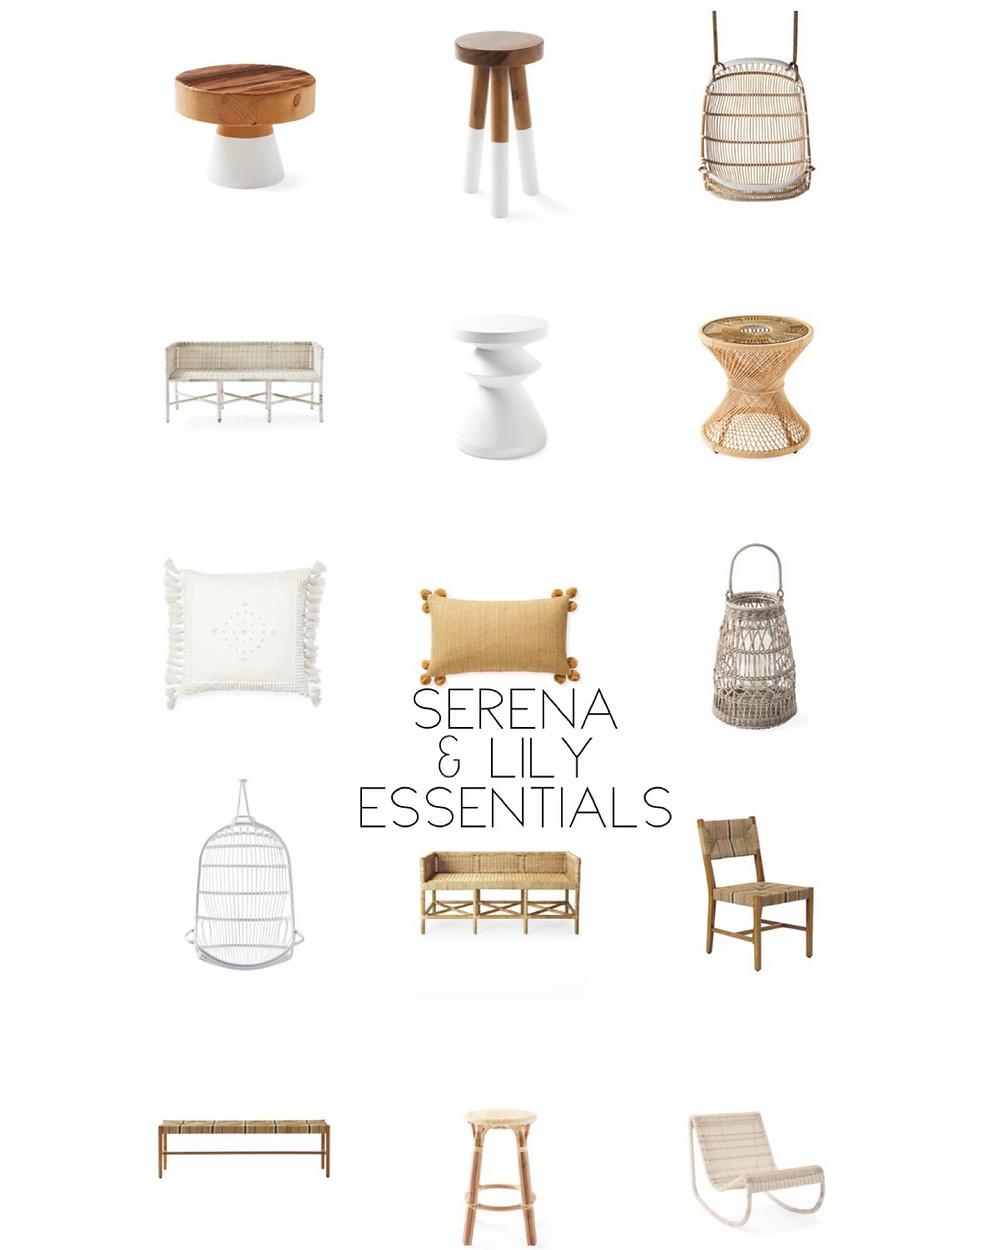 Serena & Lily essentials